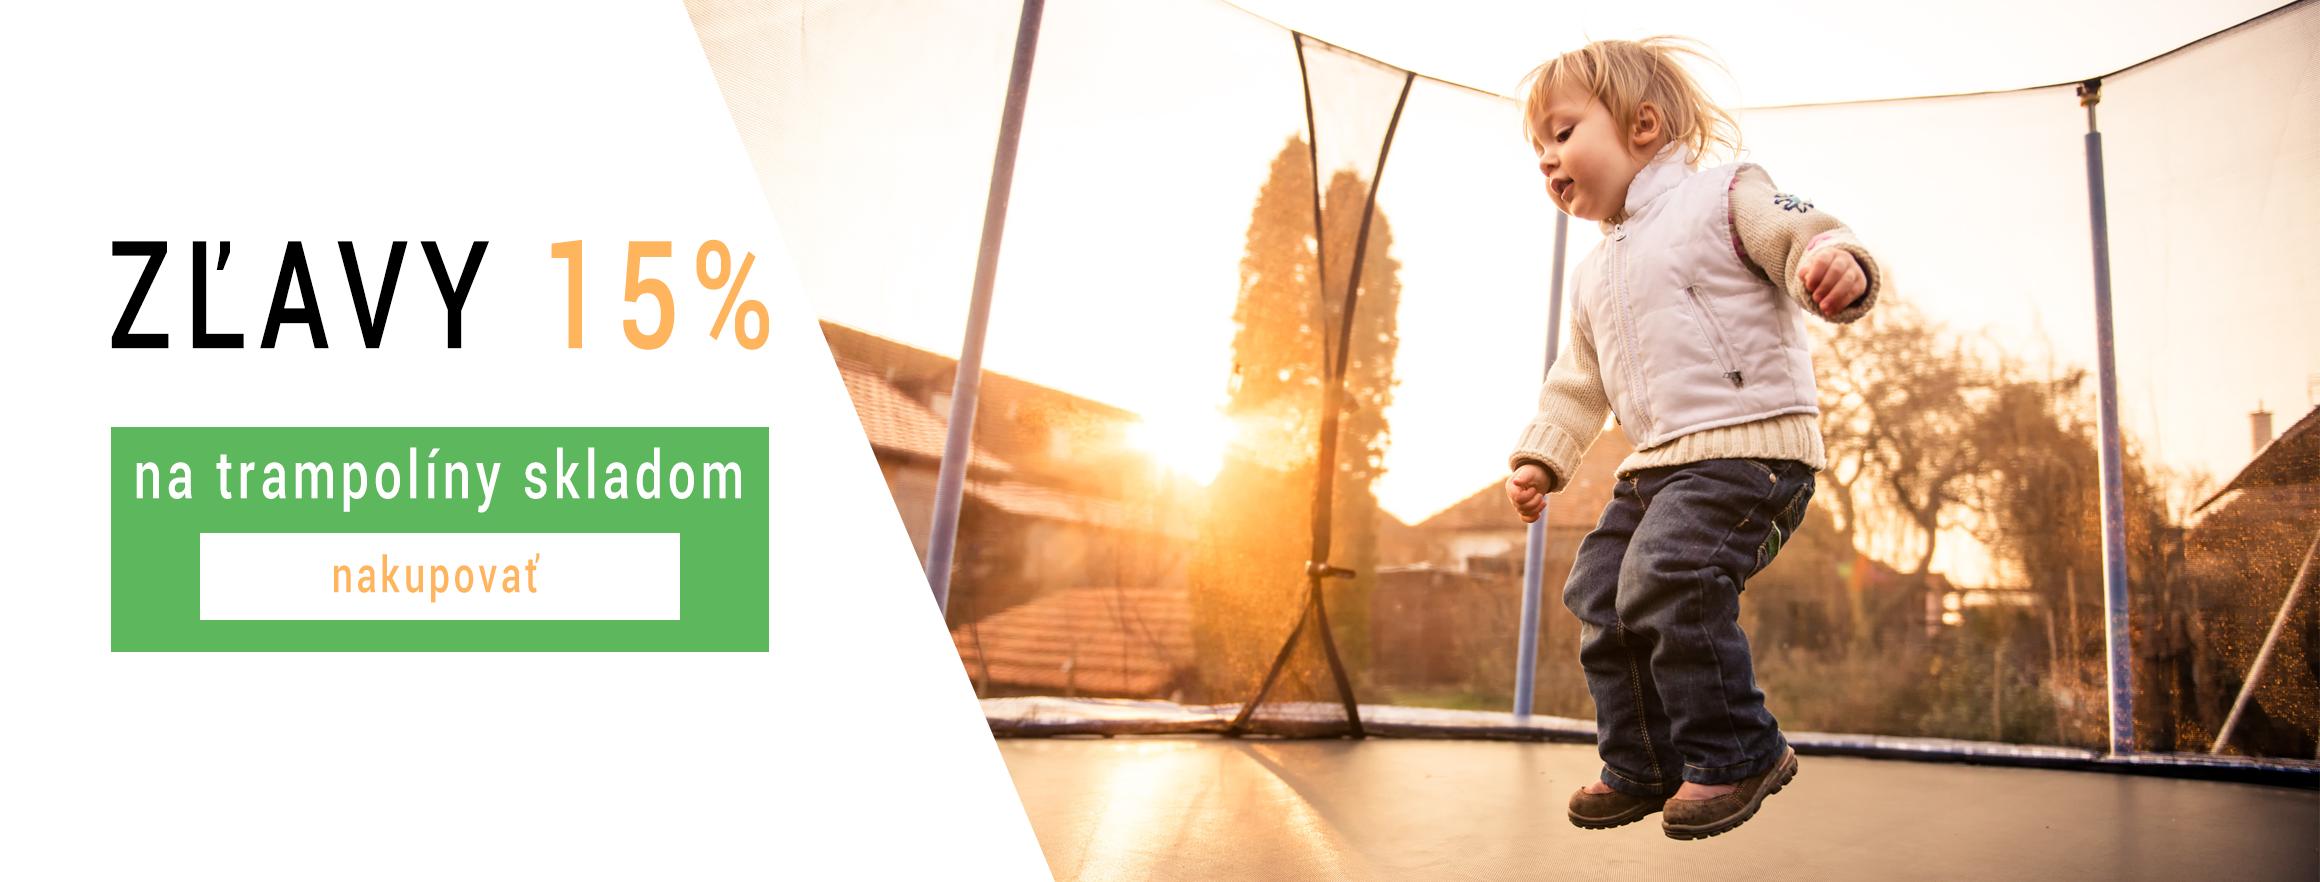 Zľavy 15 % na trampolíny skladom